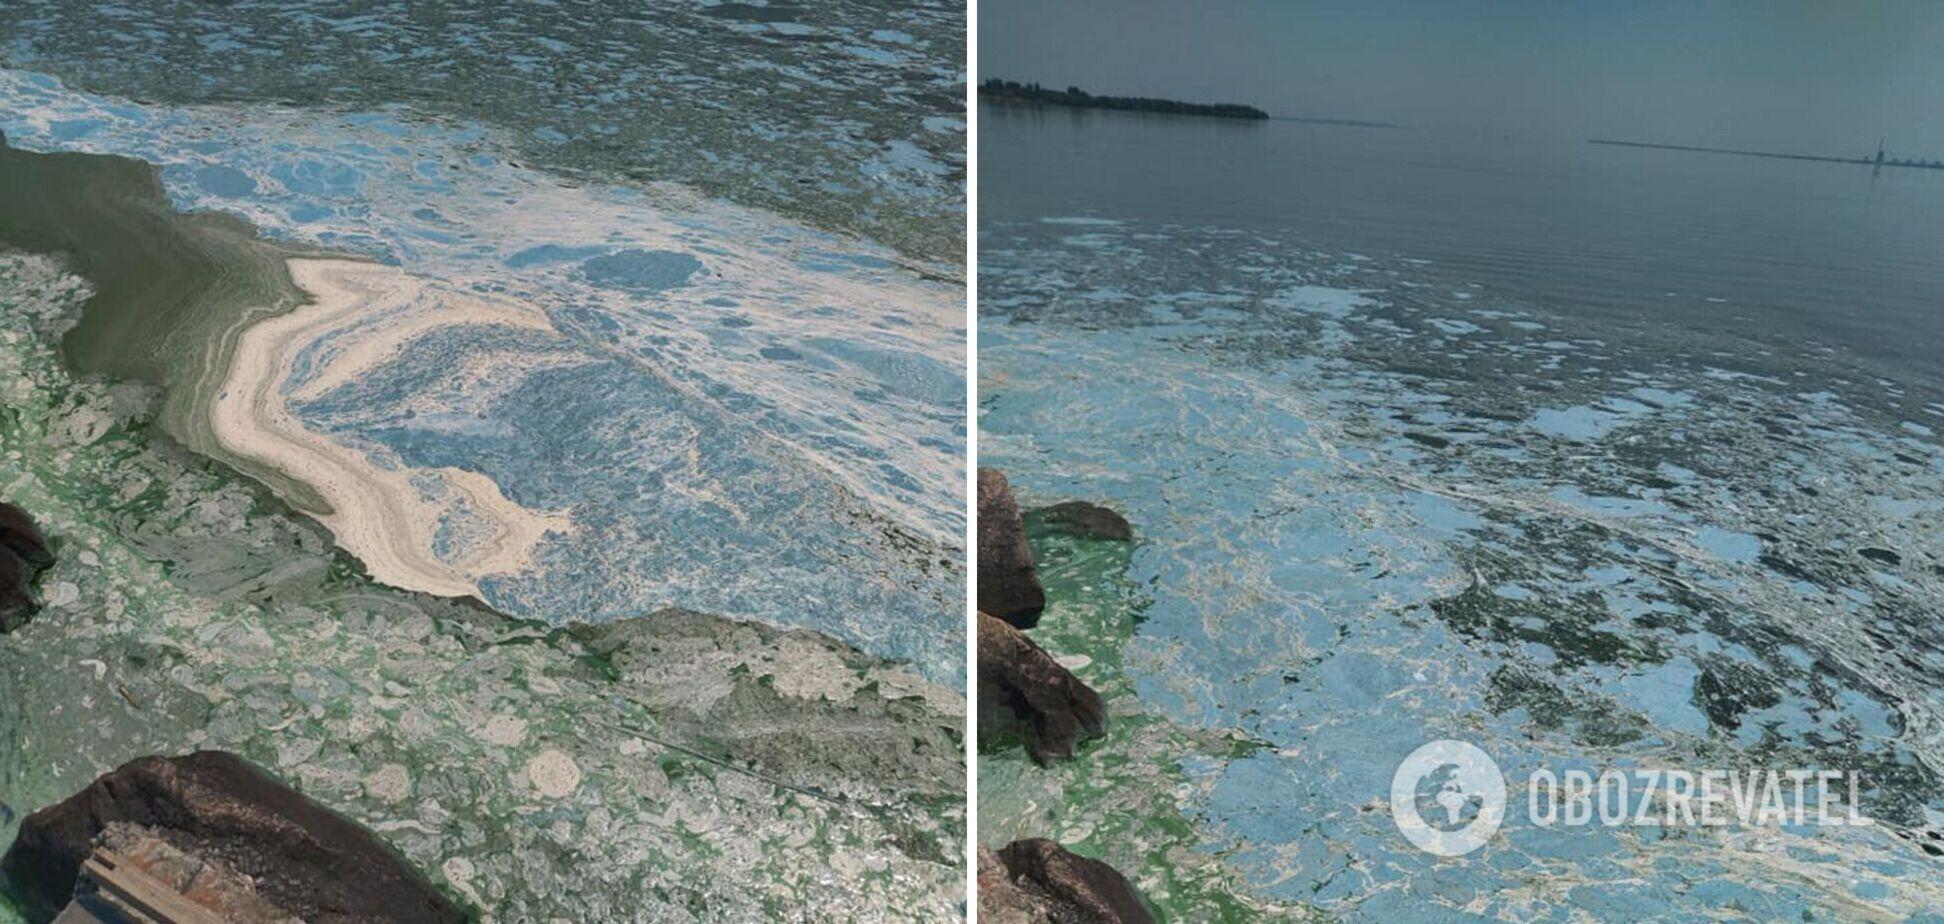 Каховское водохранилище превратилось в жижу из-за цветения водорослей. Фото и видео